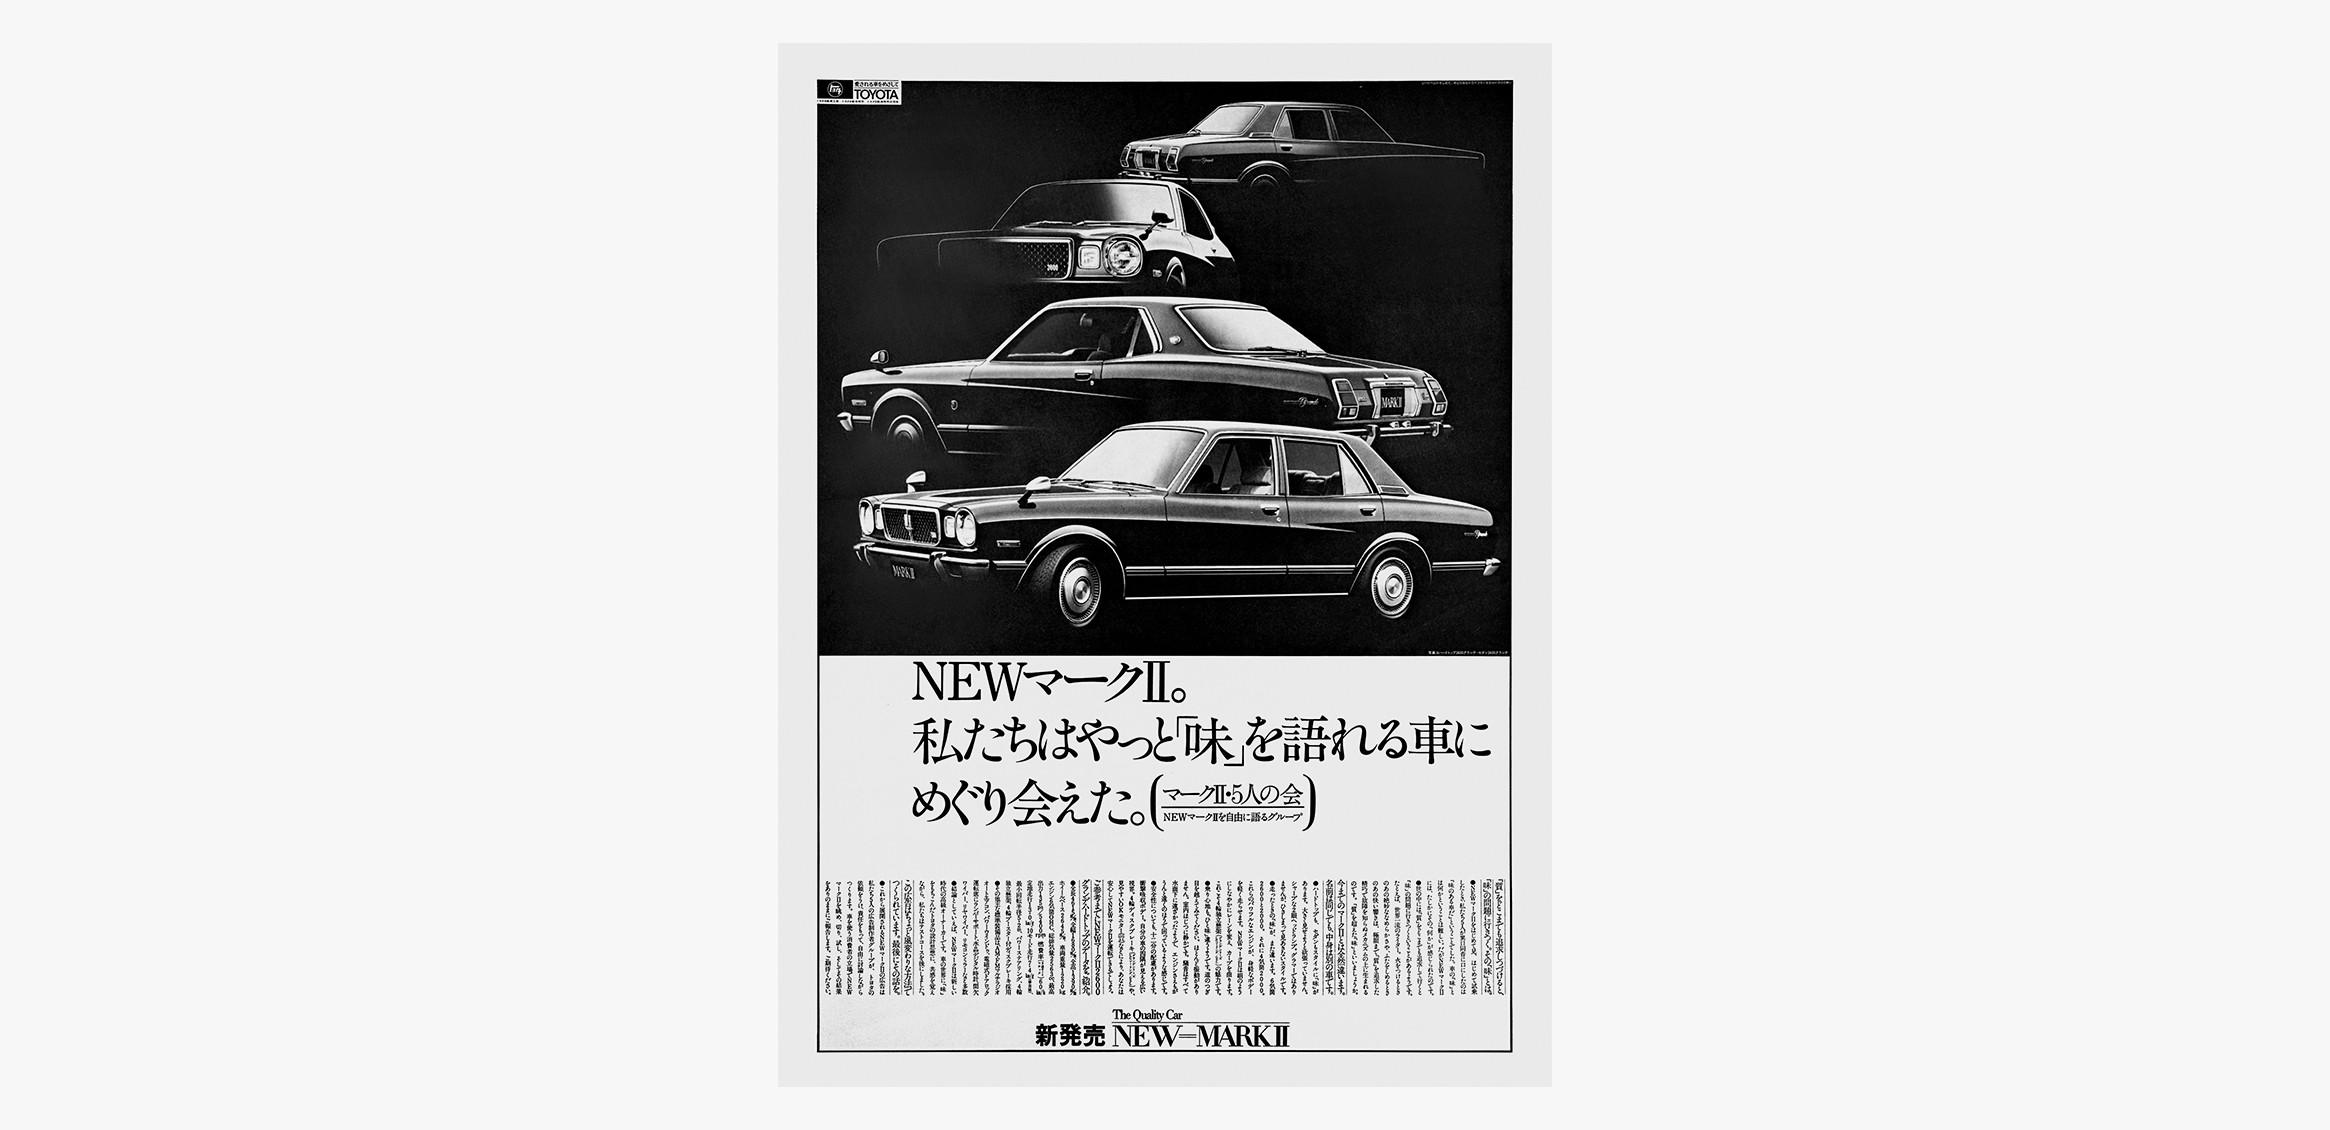 トヨタ自動車 「マークⅡ・5人の会」2枚目